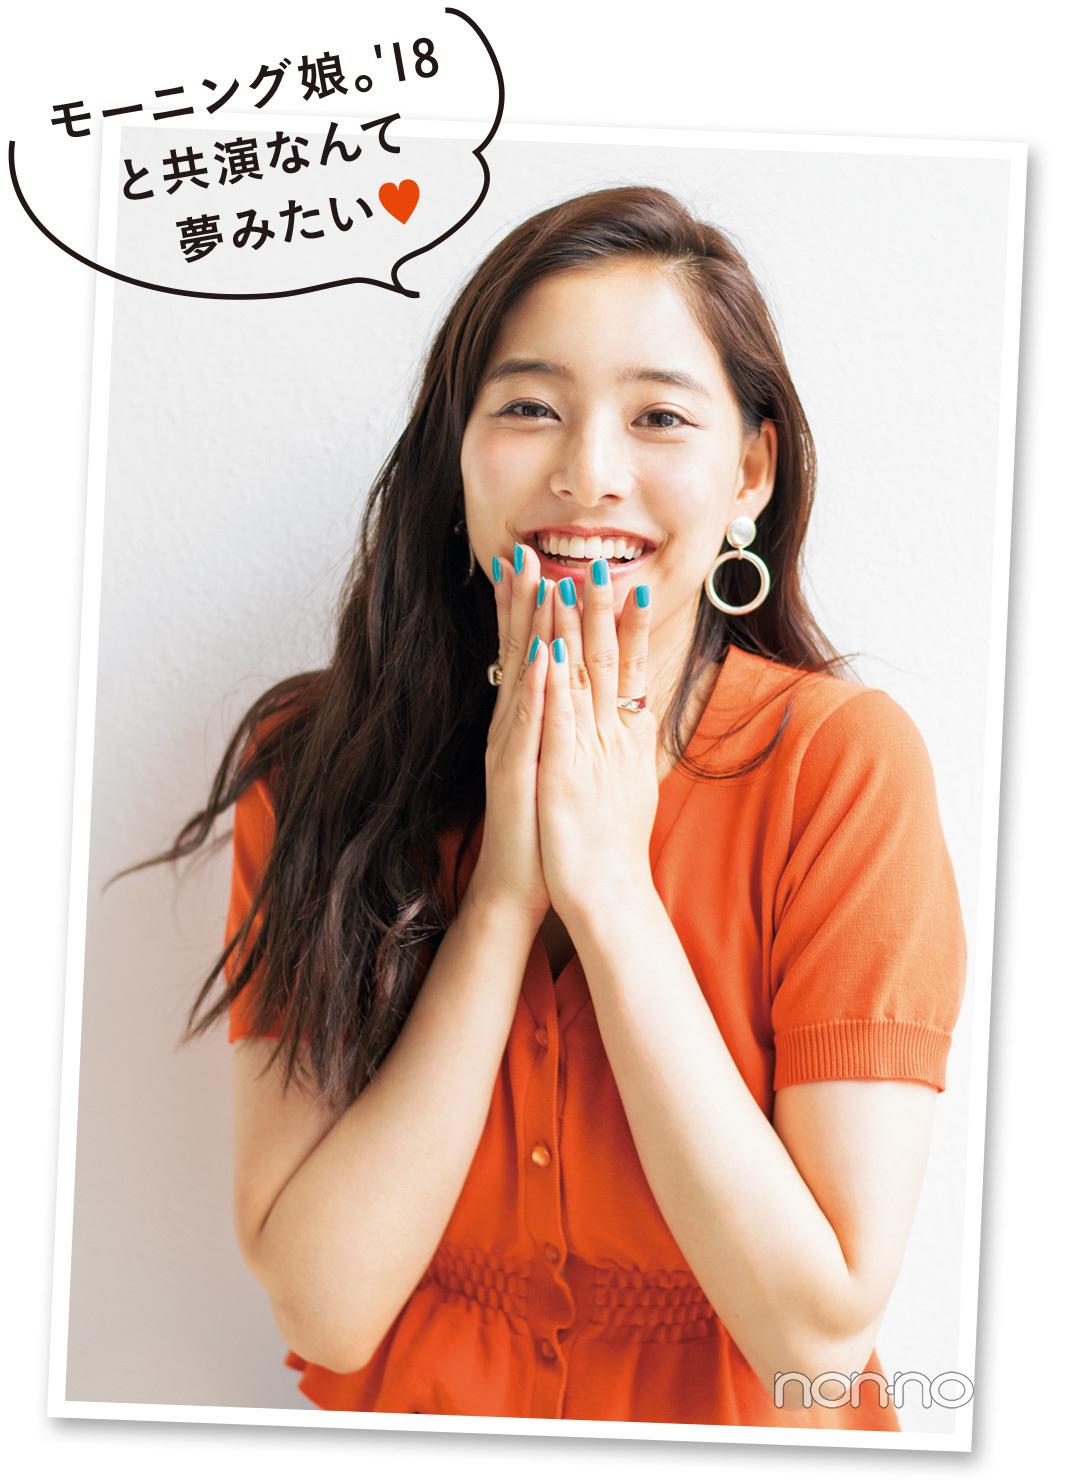 優子も一緒に!カラフルコーデでPOPなモーニング娘。'18♥